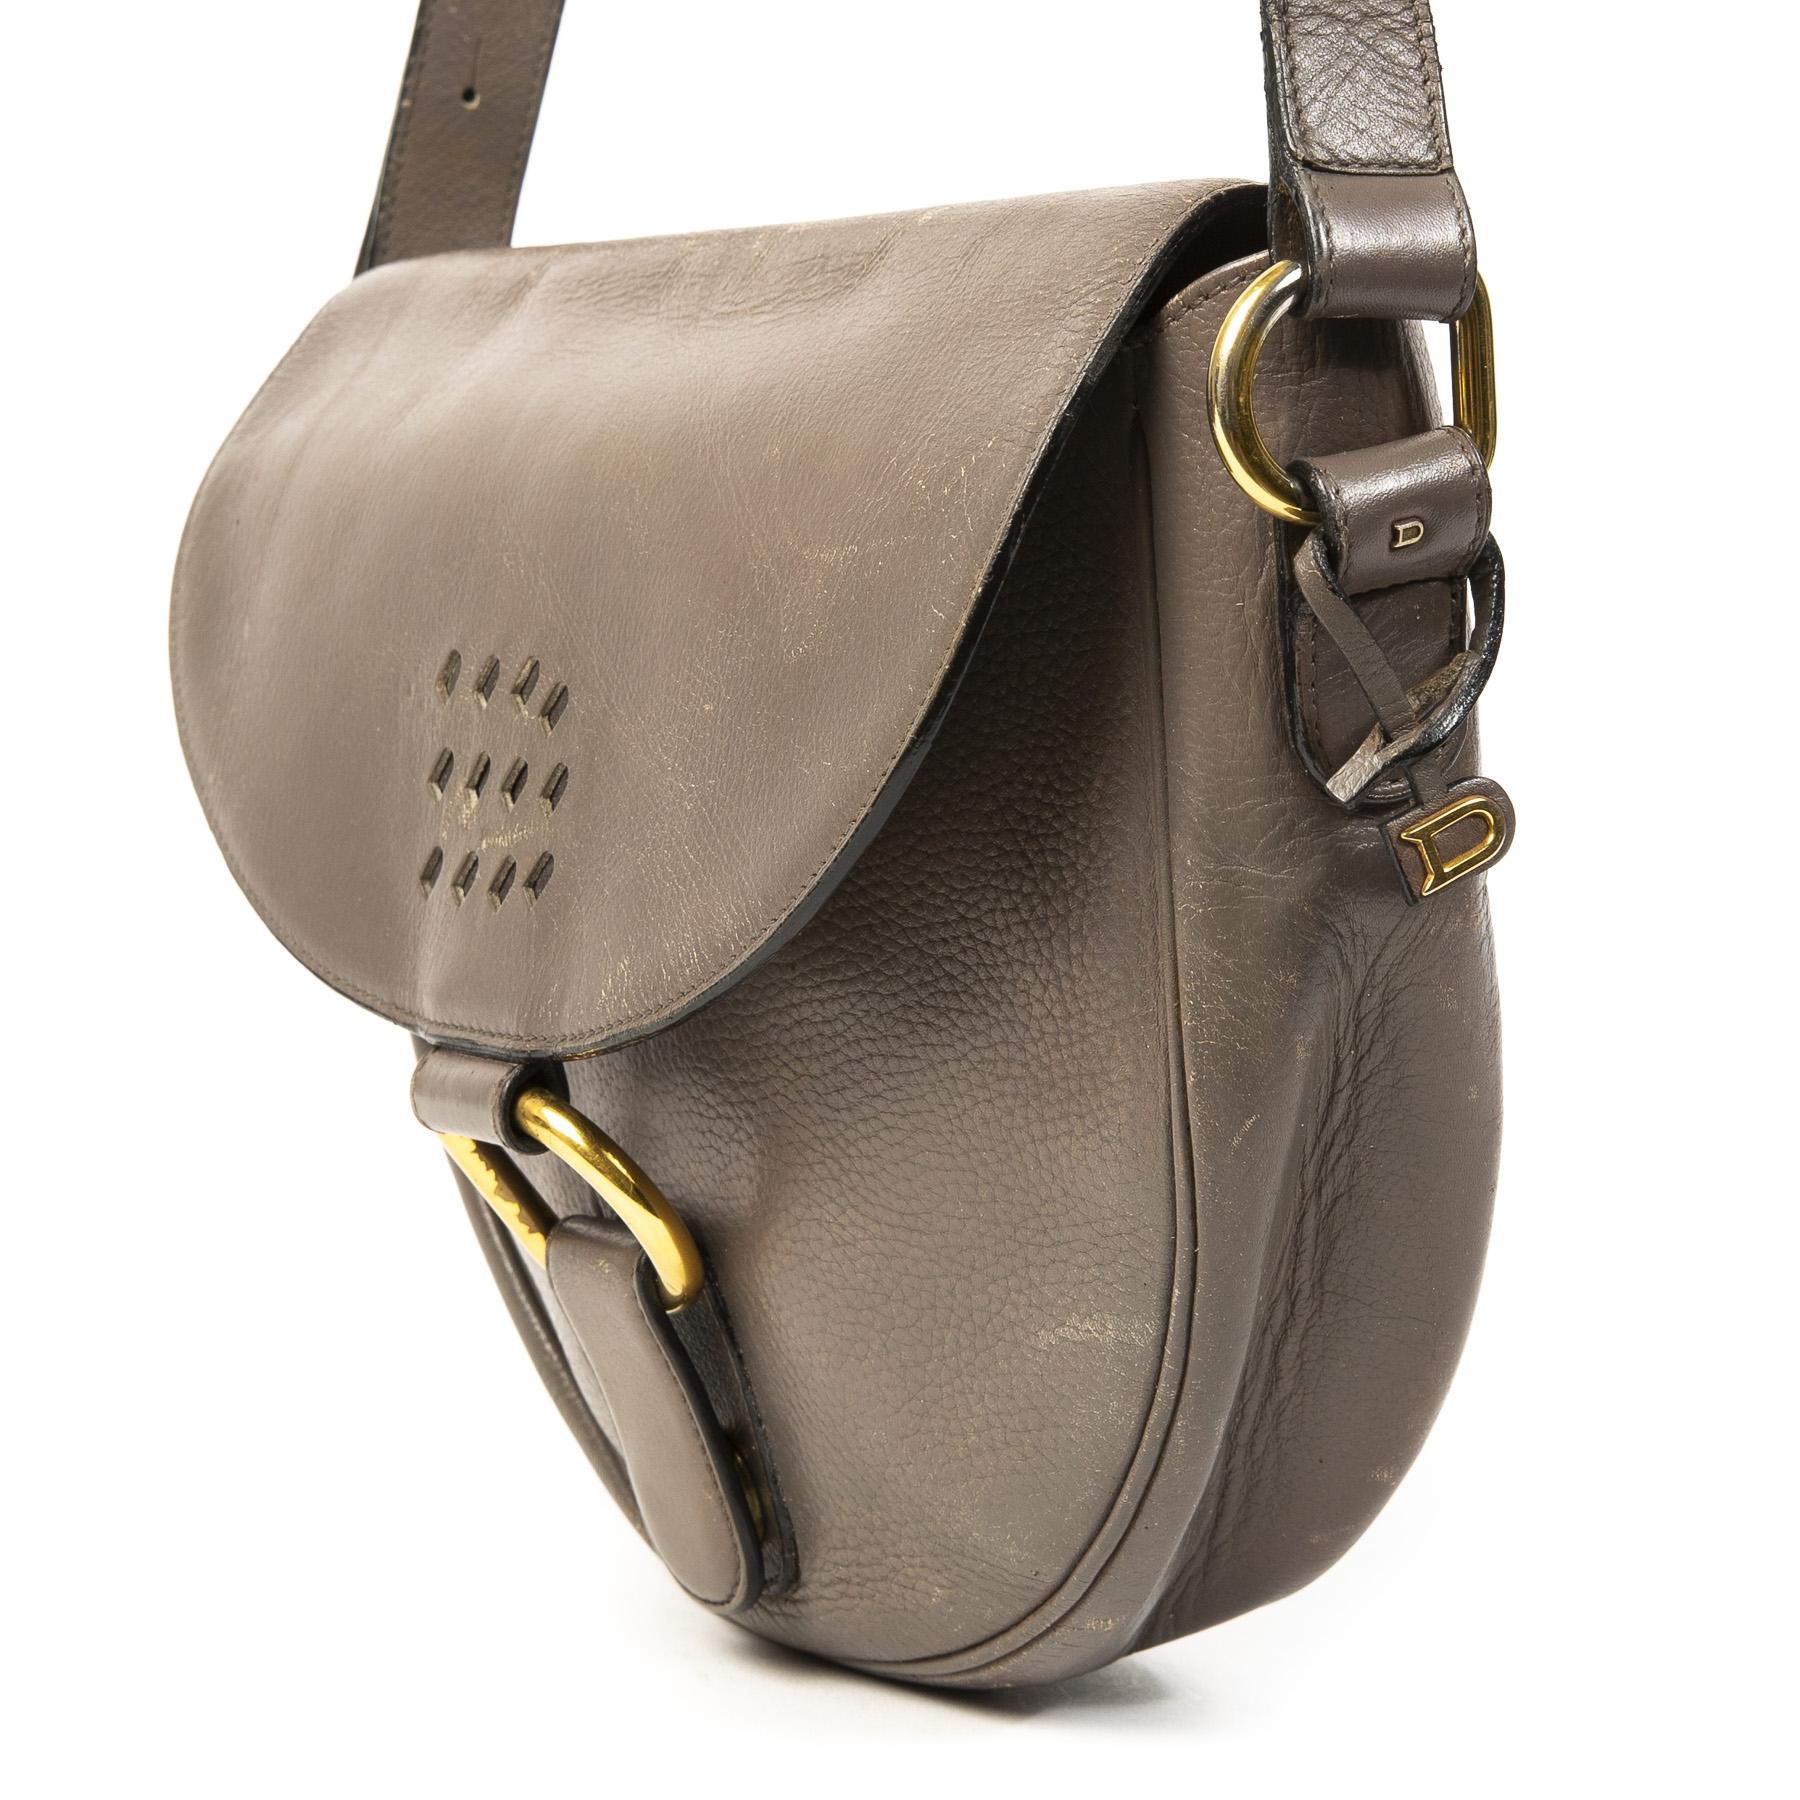 Koop authentieke tweedehands Delvaux taupe leather shoulder bag juiste prijs veilig online winkelen LabelLOV webshop luxe merken winkelen Antwerpen België mode fashion